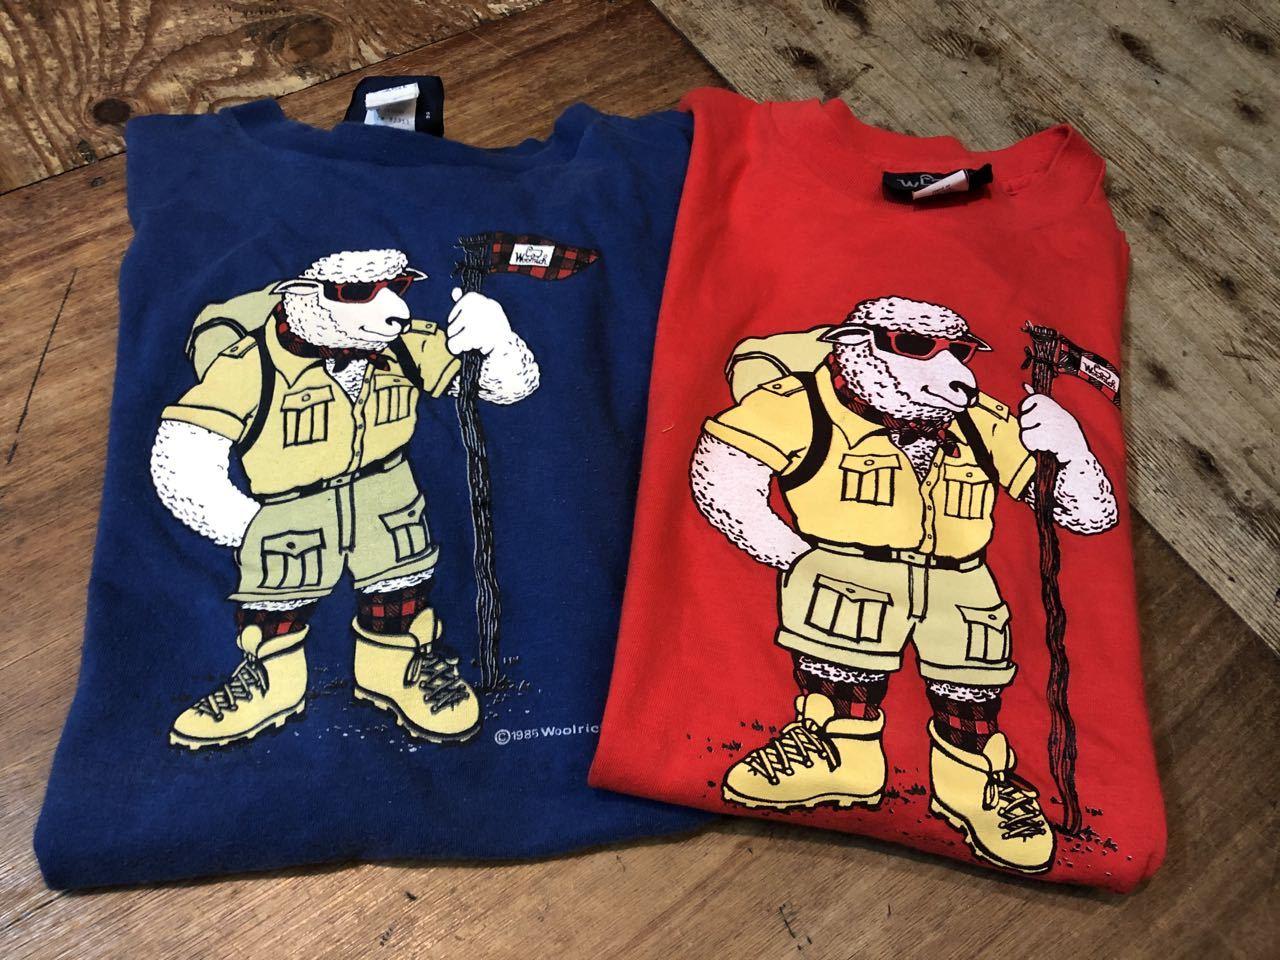 7月24日(金)入荷!80s RARE WOOL RICH Tシャツ!MADE IN U.S.A all cotton 2枚_c0144020_17070495.jpg